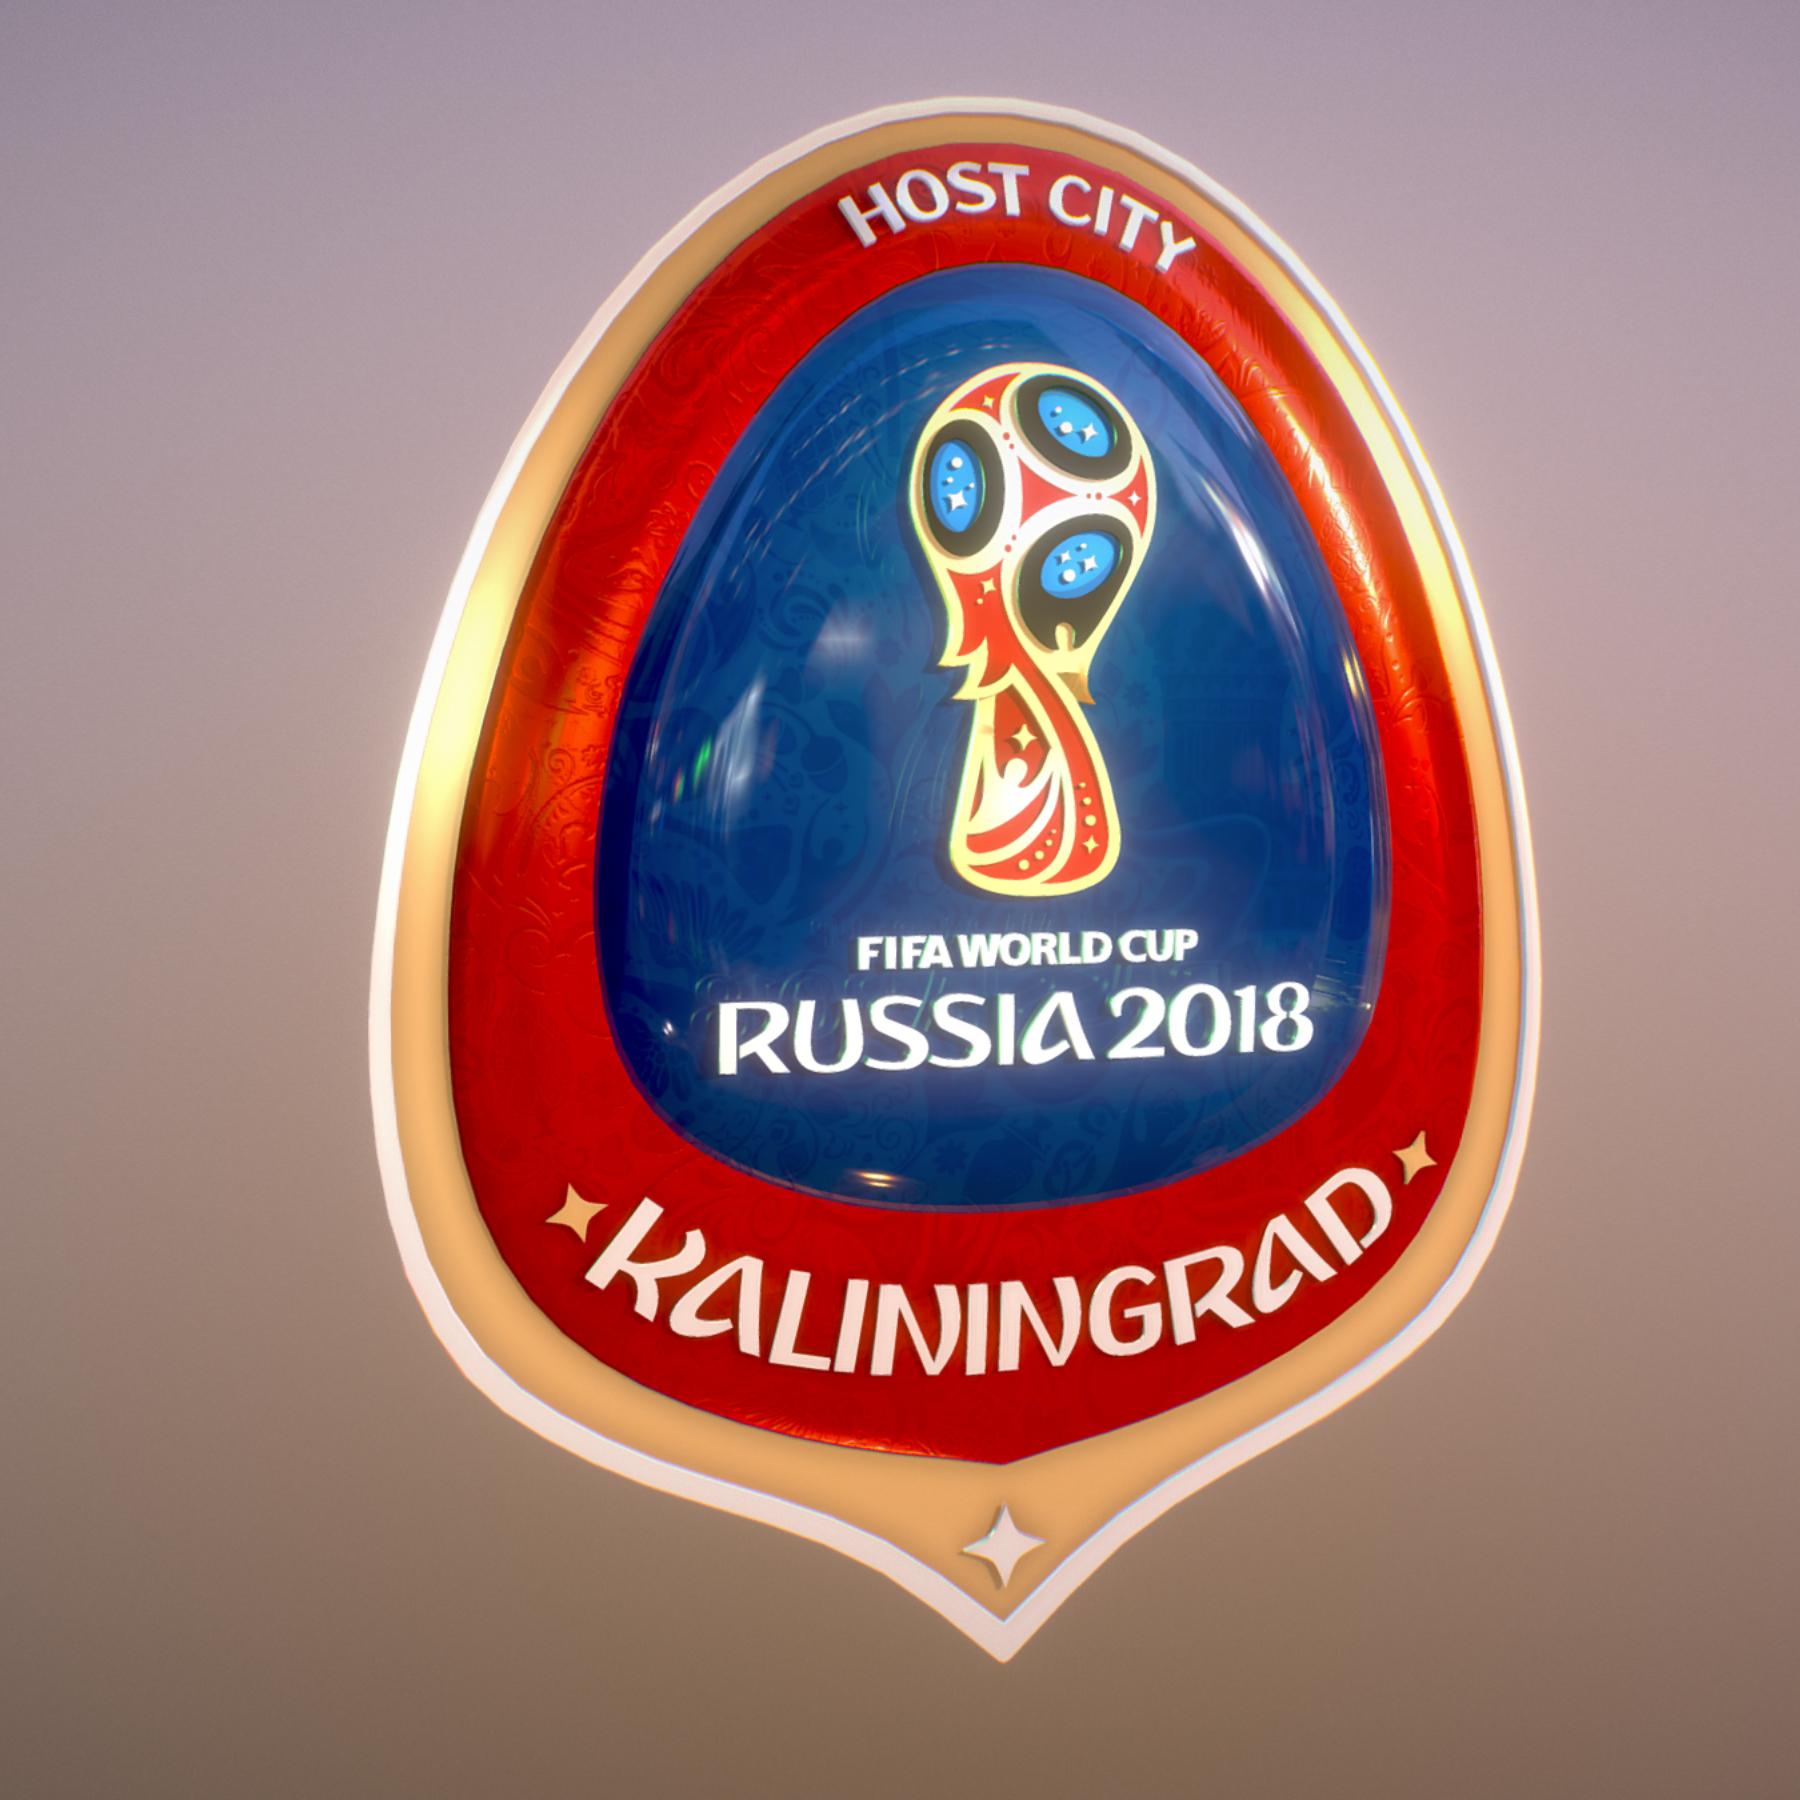 Kaliningrad City World Cup Russia 2018 Symbol 3d model max 3ds max plugin fbx jpeg ma mb obj 271762